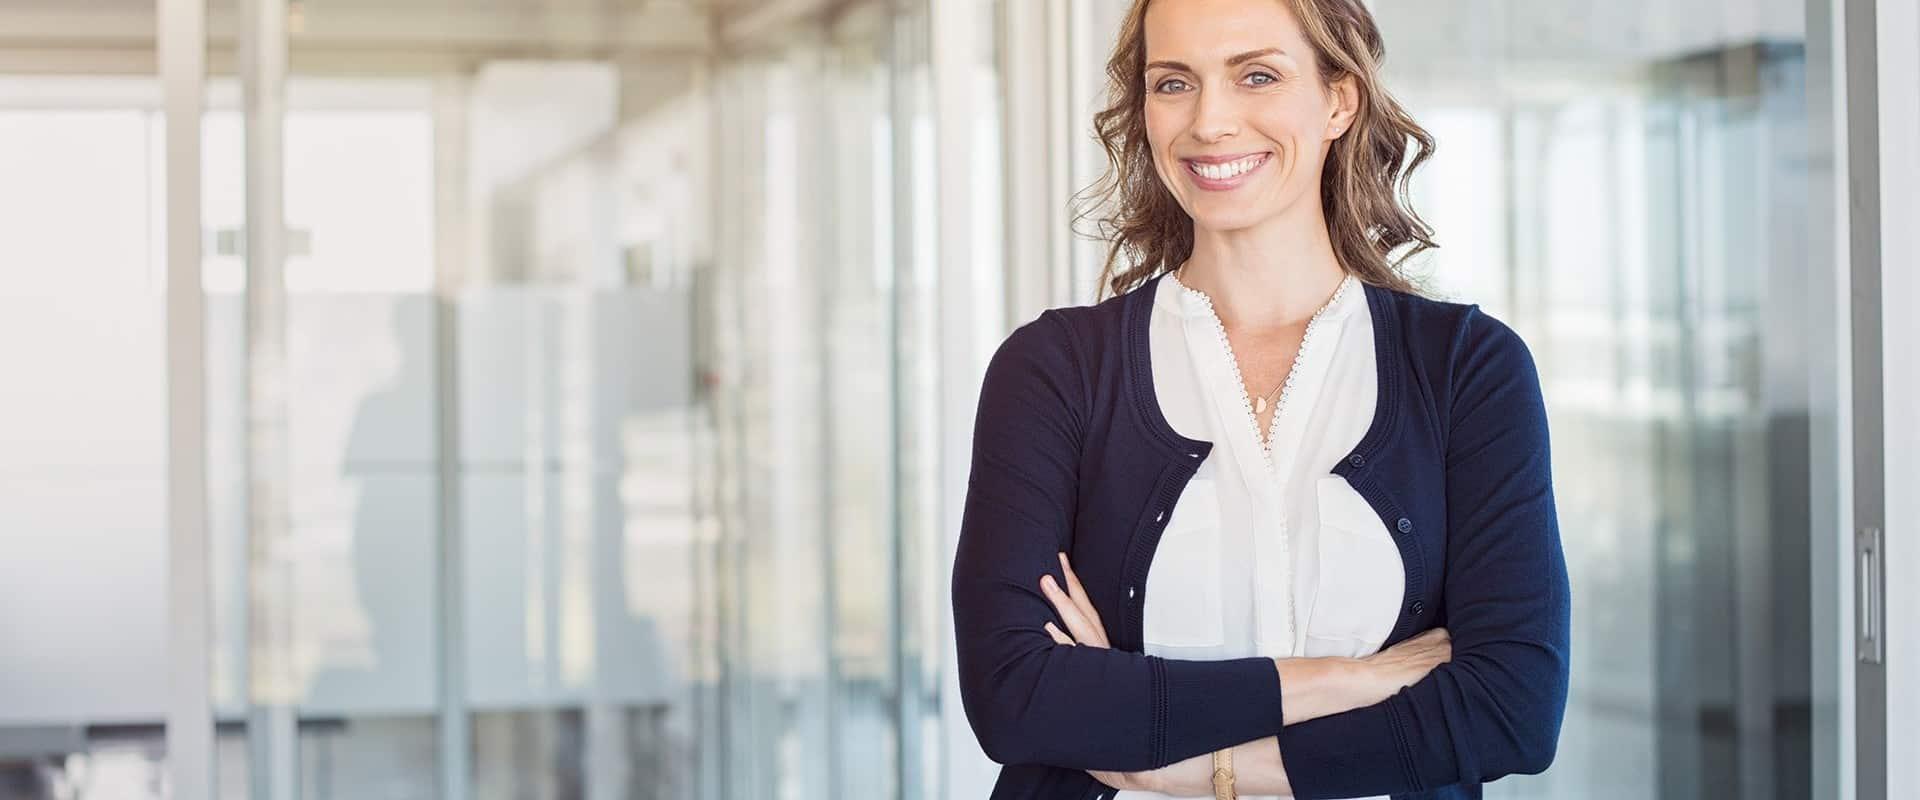 comment devenir un bon consultant en ressources humaines